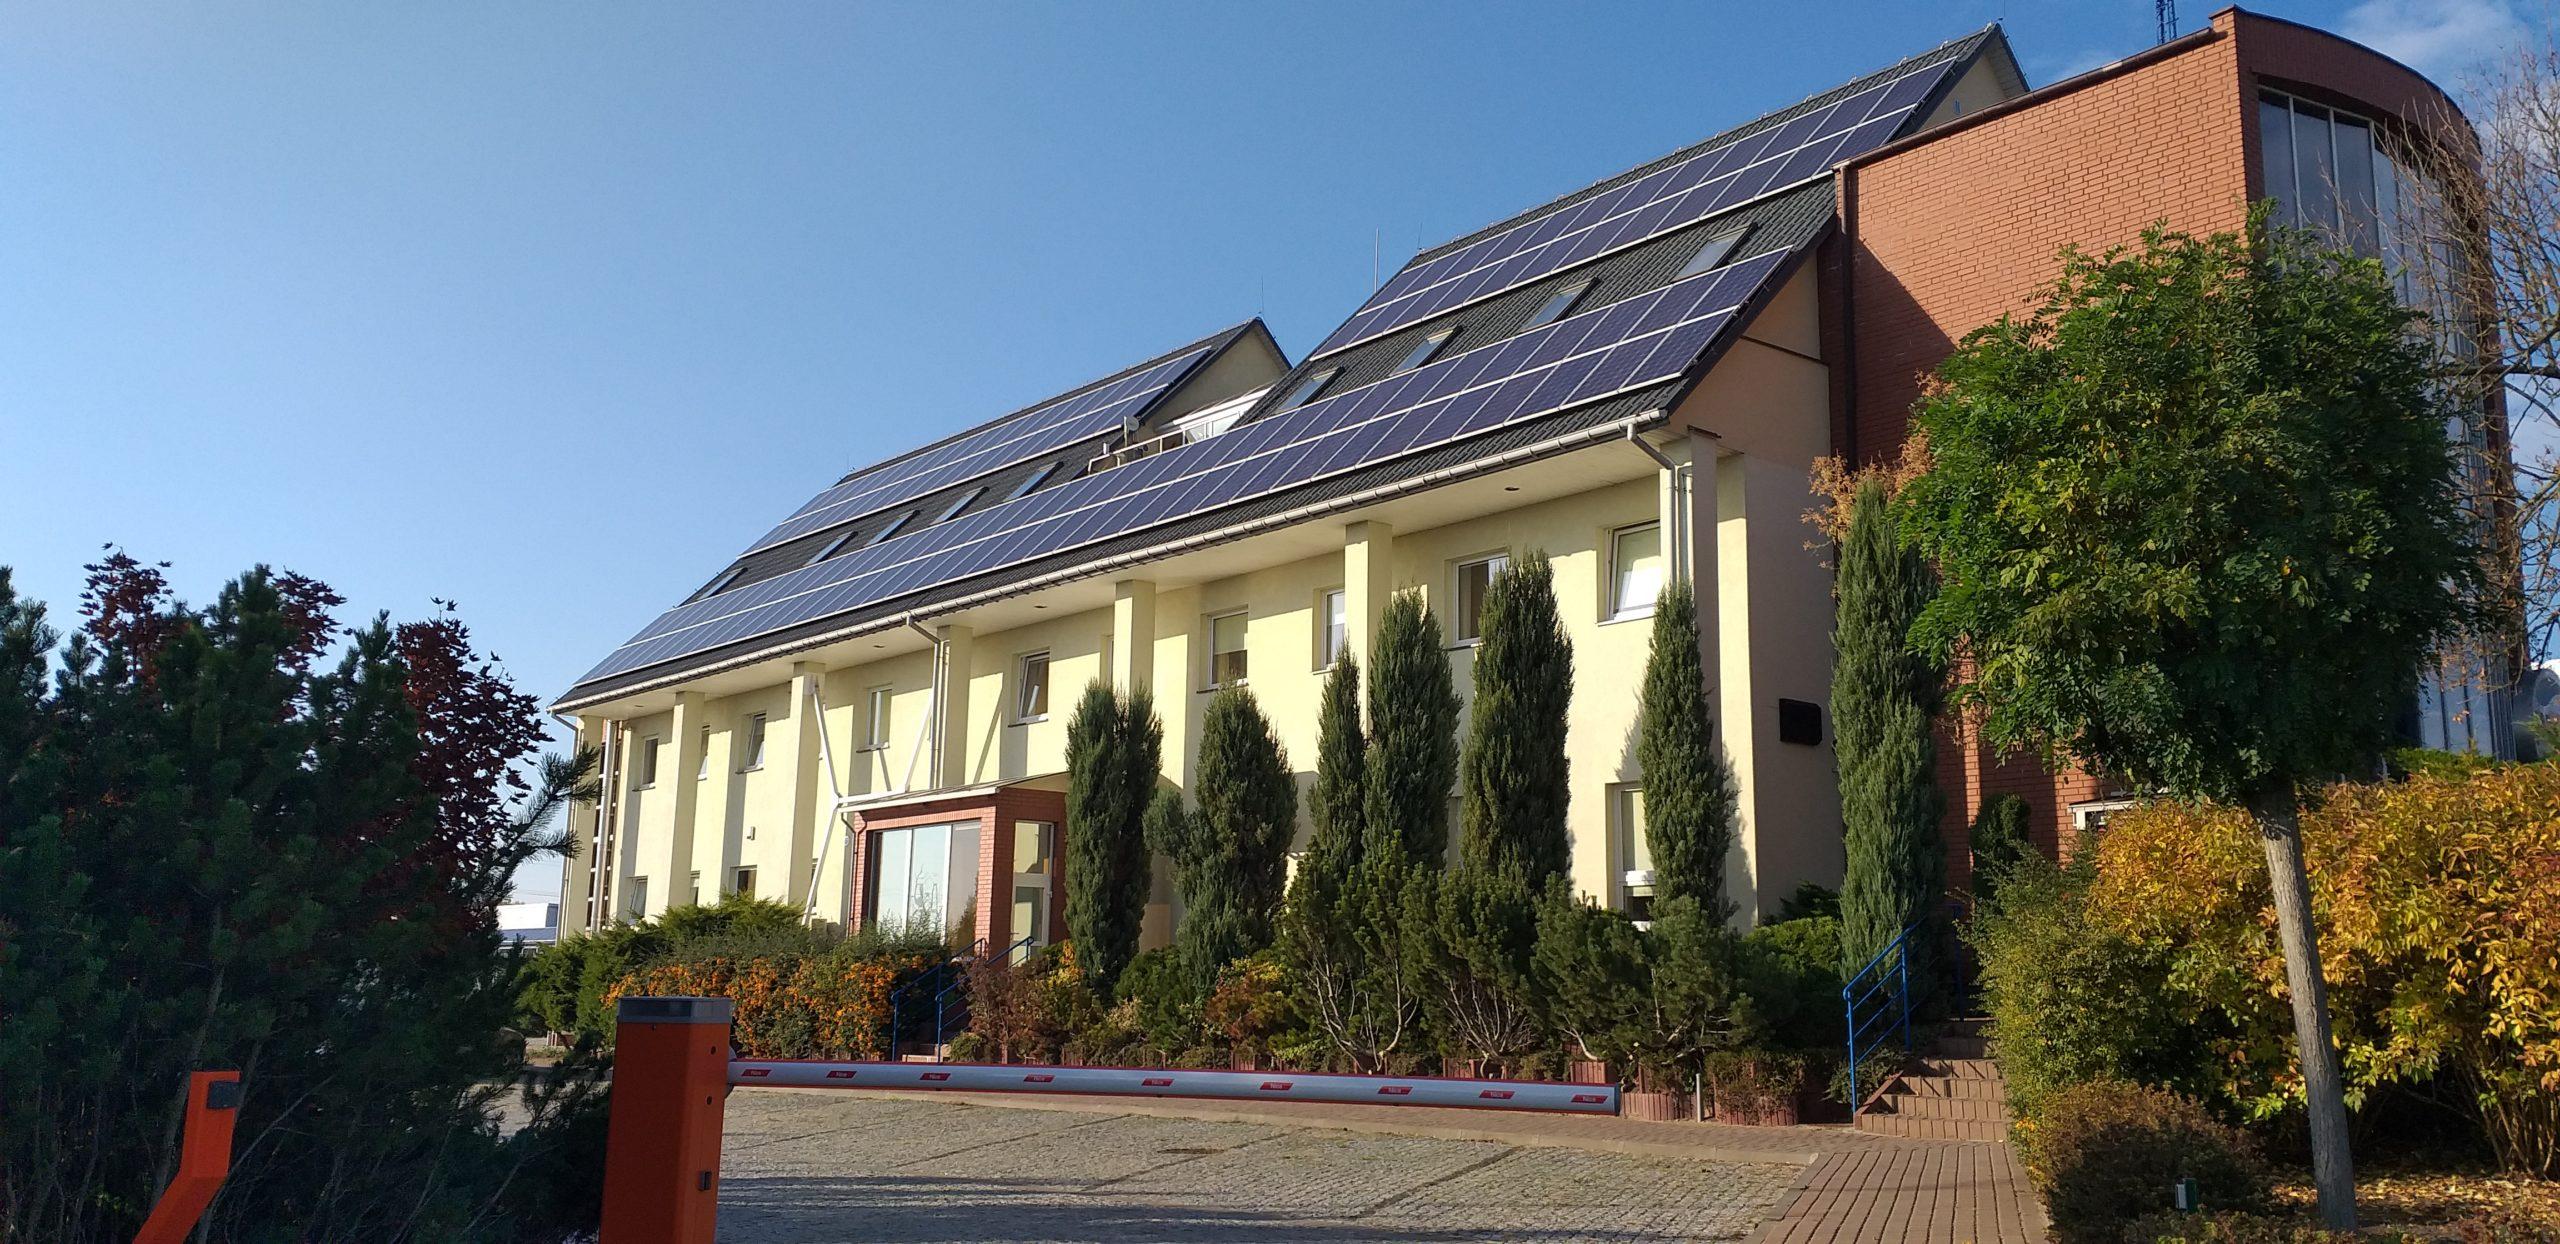 Słoneczne dachy...